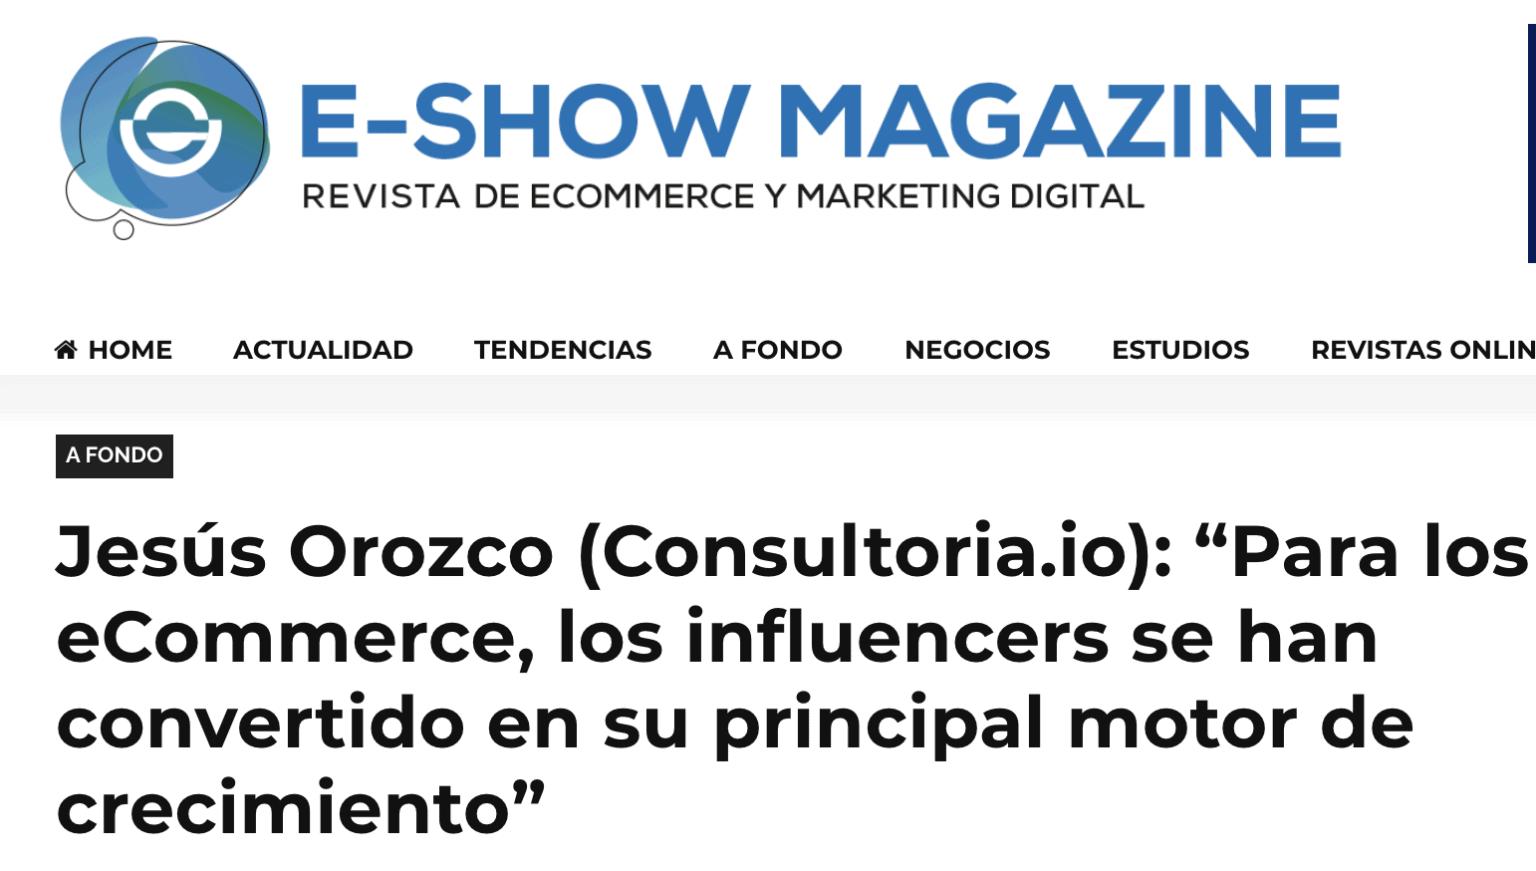 captura de pantalla titular de la entrevista a Jesús Orozco en e-show magazine sobre cómo los influencers se han convertido en motor de crecimiento para los ecommerce